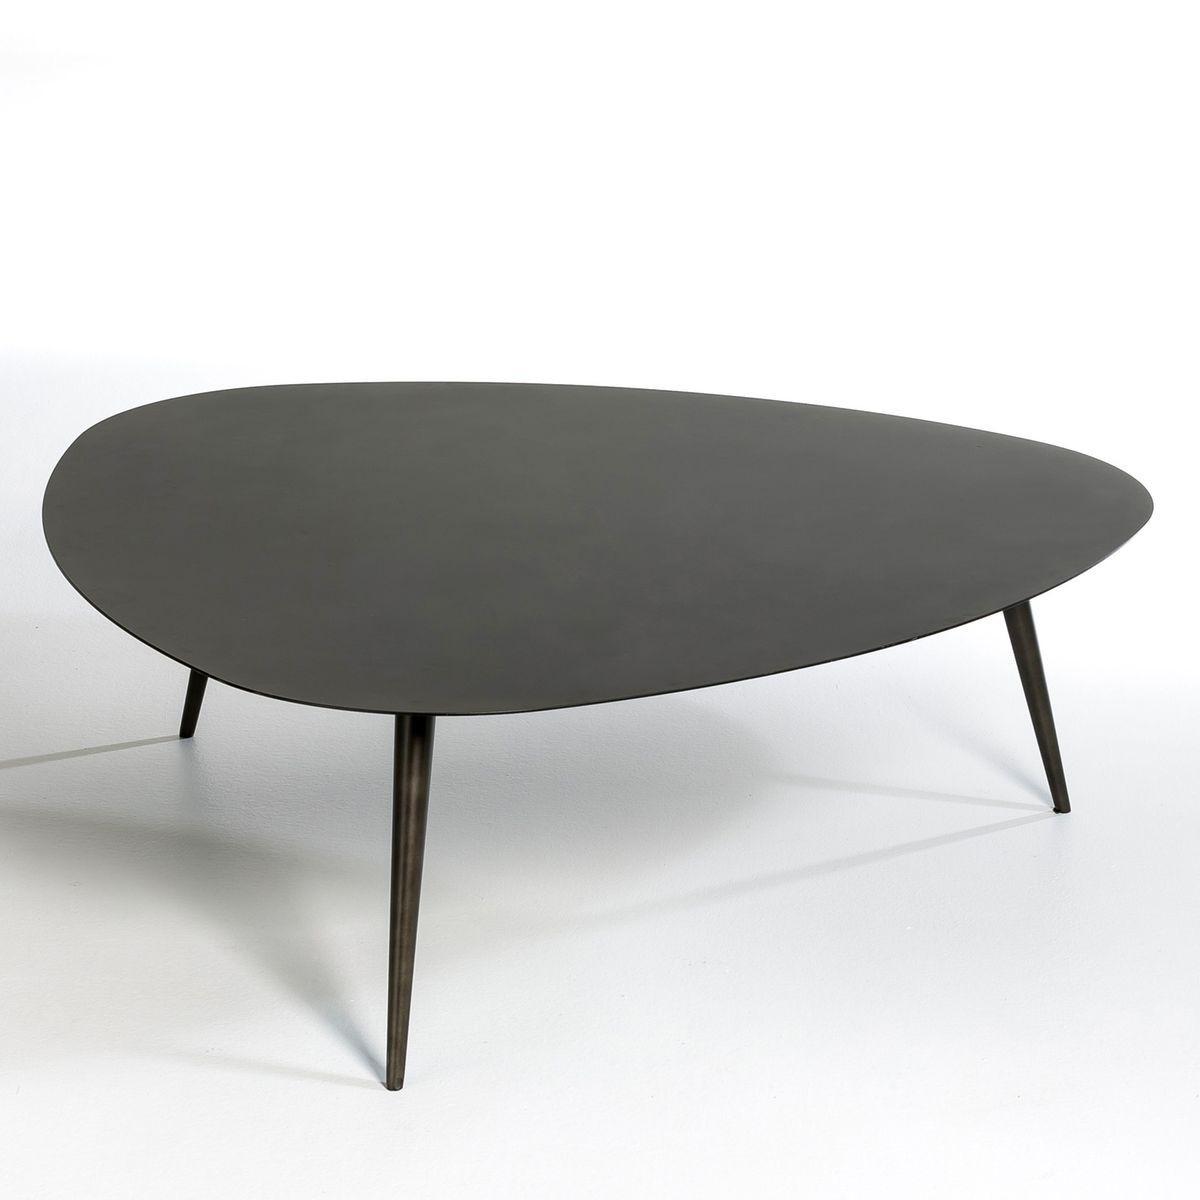 table basse theoleine grande. Black Bedroom Furniture Sets. Home Design Ideas